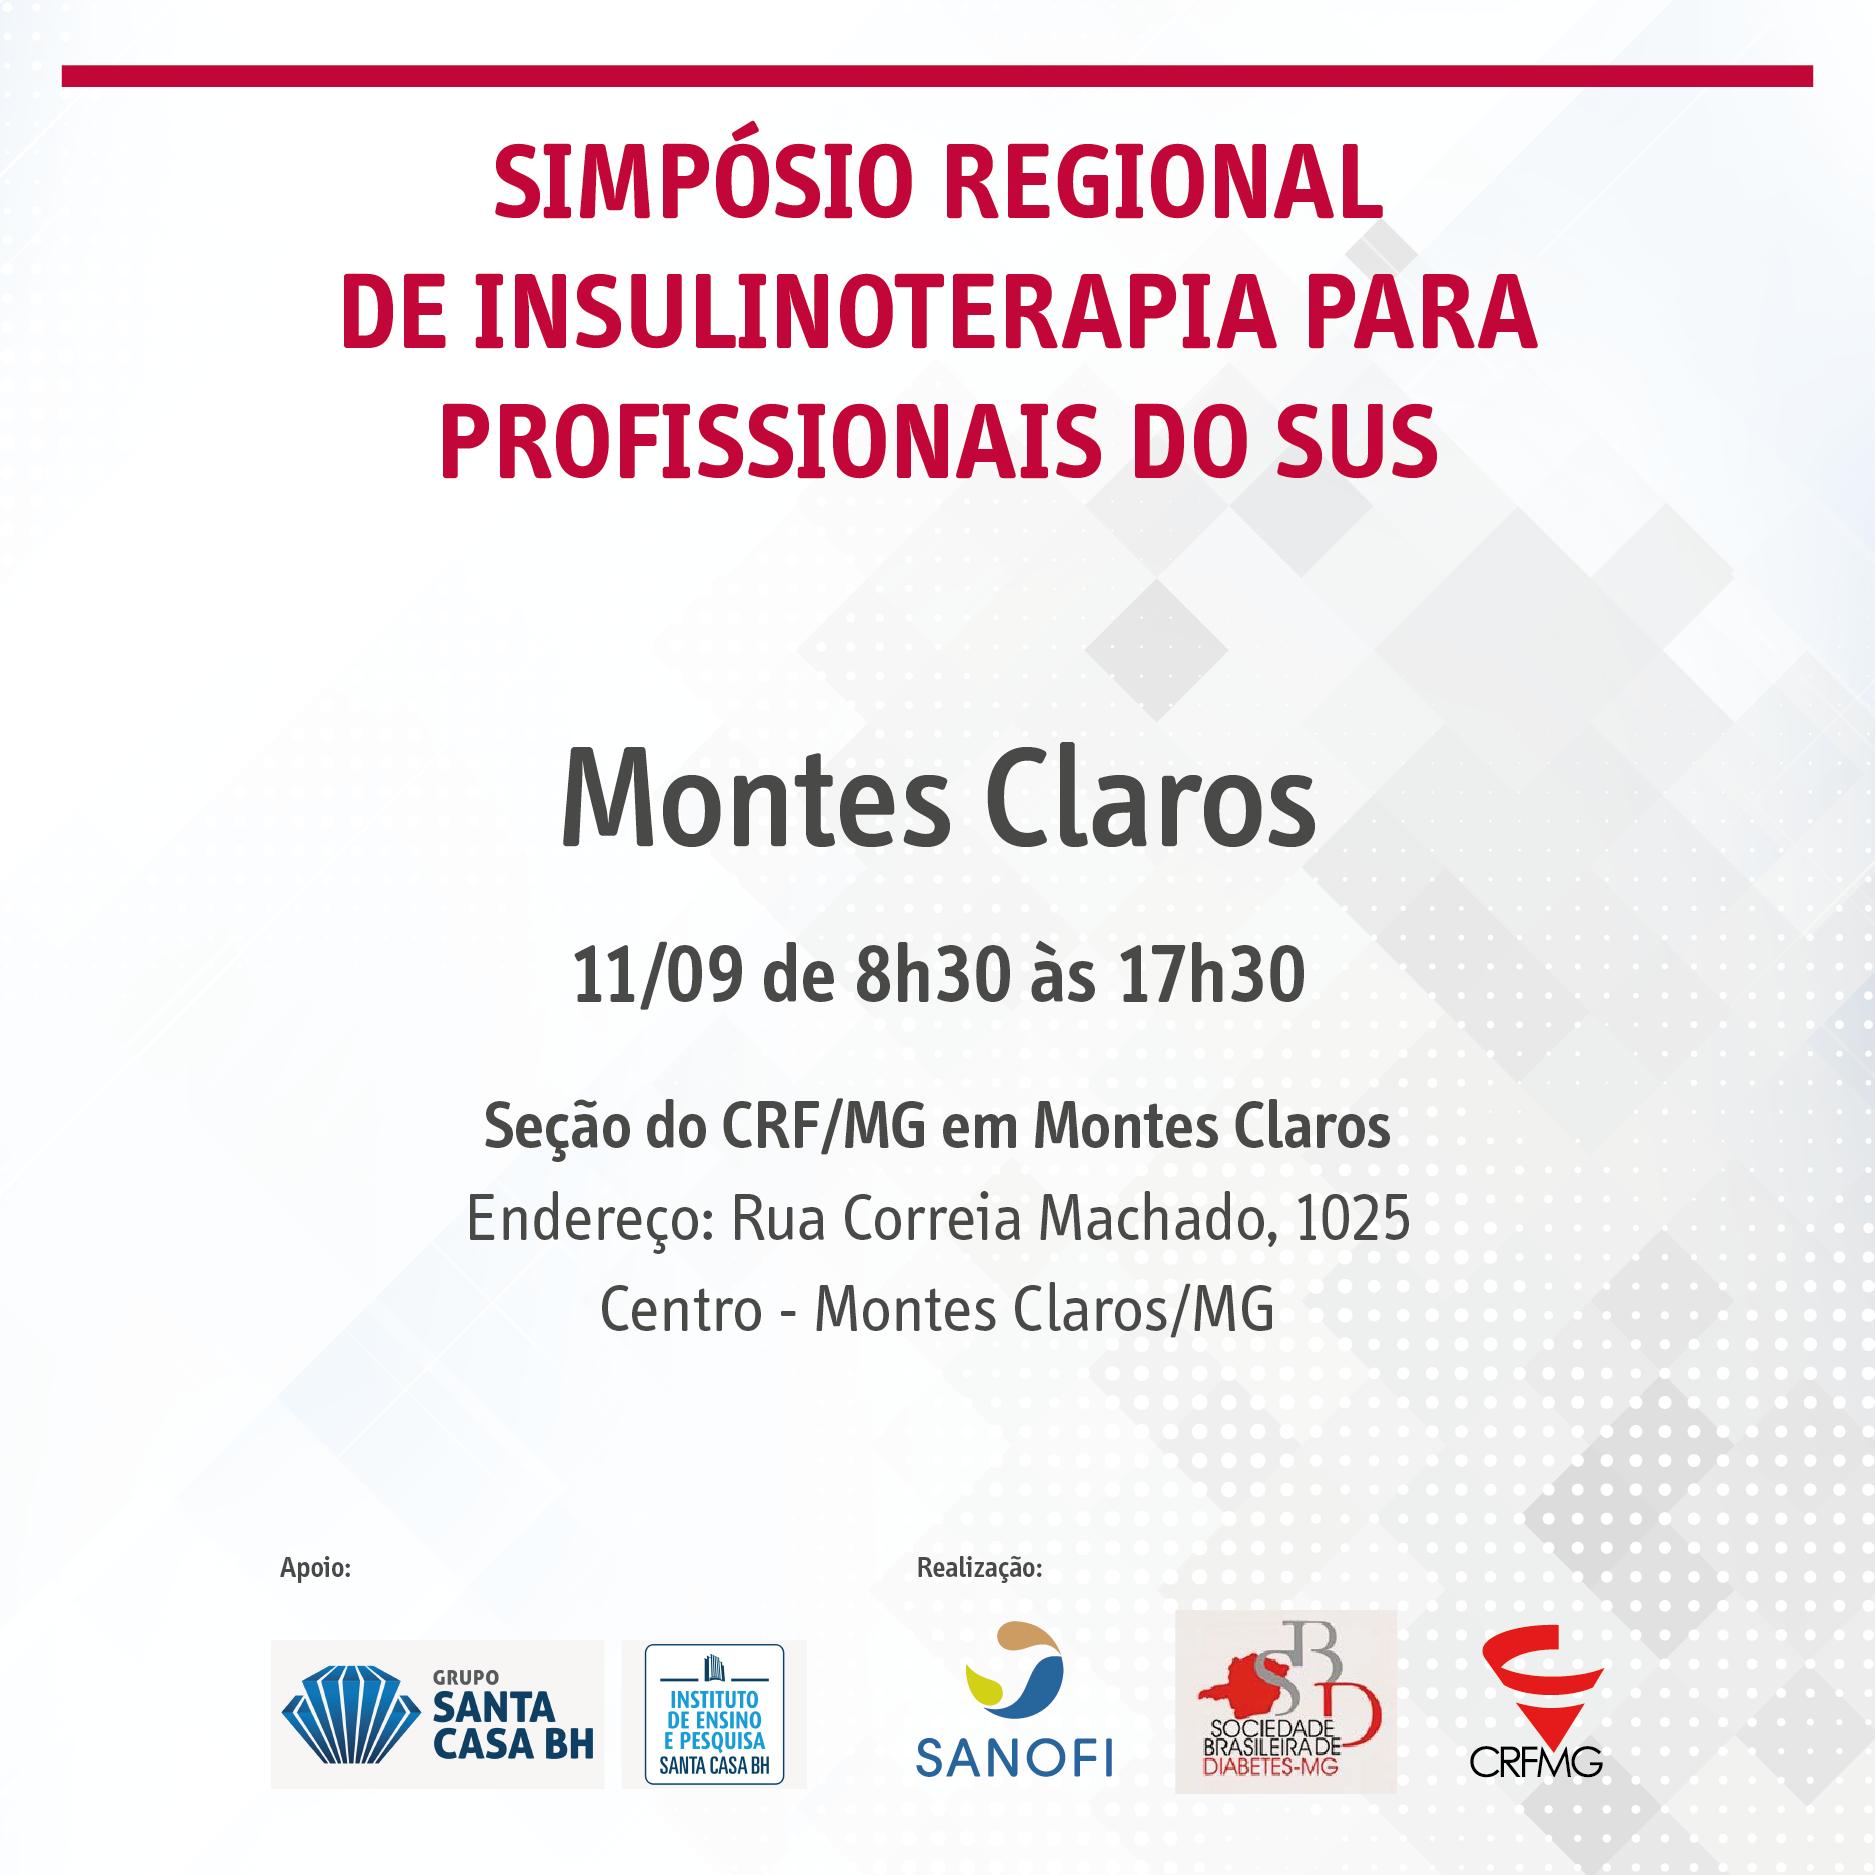 Inscrições para o Simpósio Regional de Insulinoterapia para Profissionais do SUS em Montes Claros já estão abertas